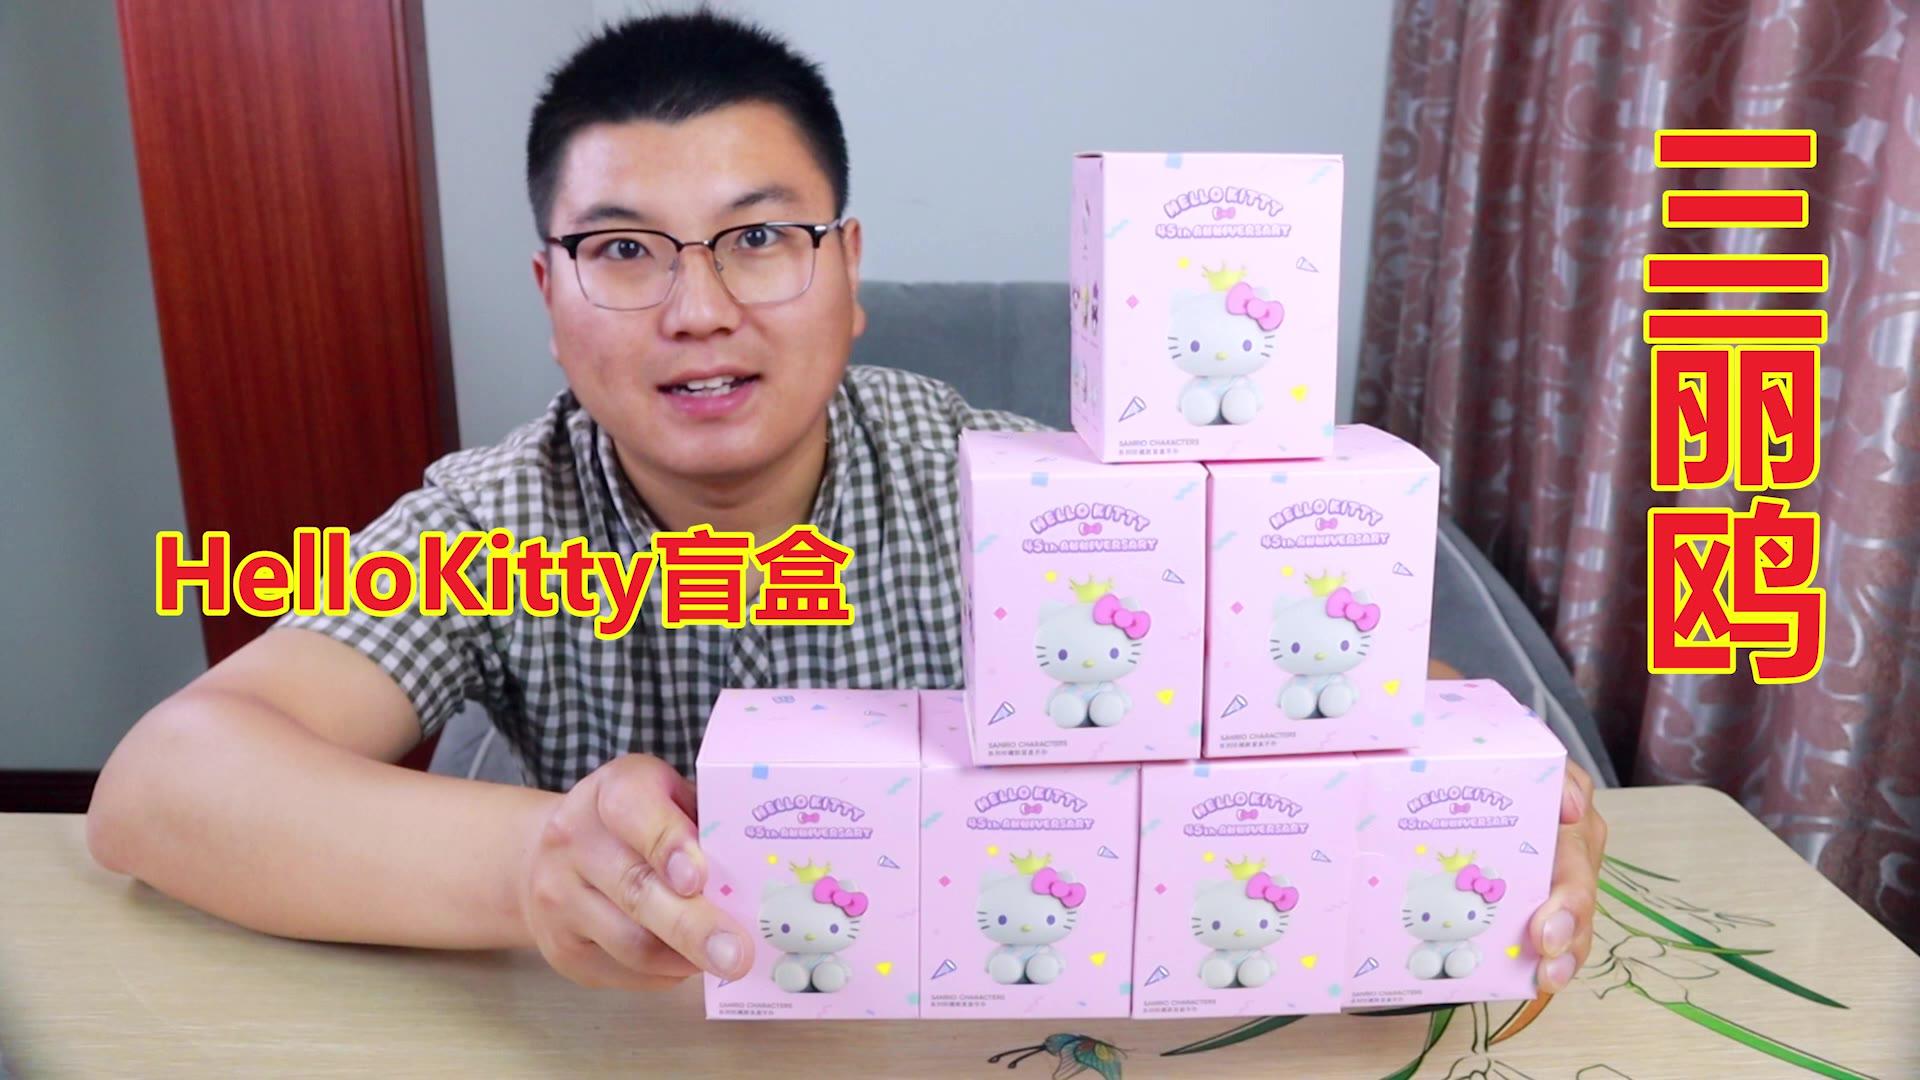 三丽鸥盲盒,粉丝想看,全部买过来,看看有没有你喜欢的?